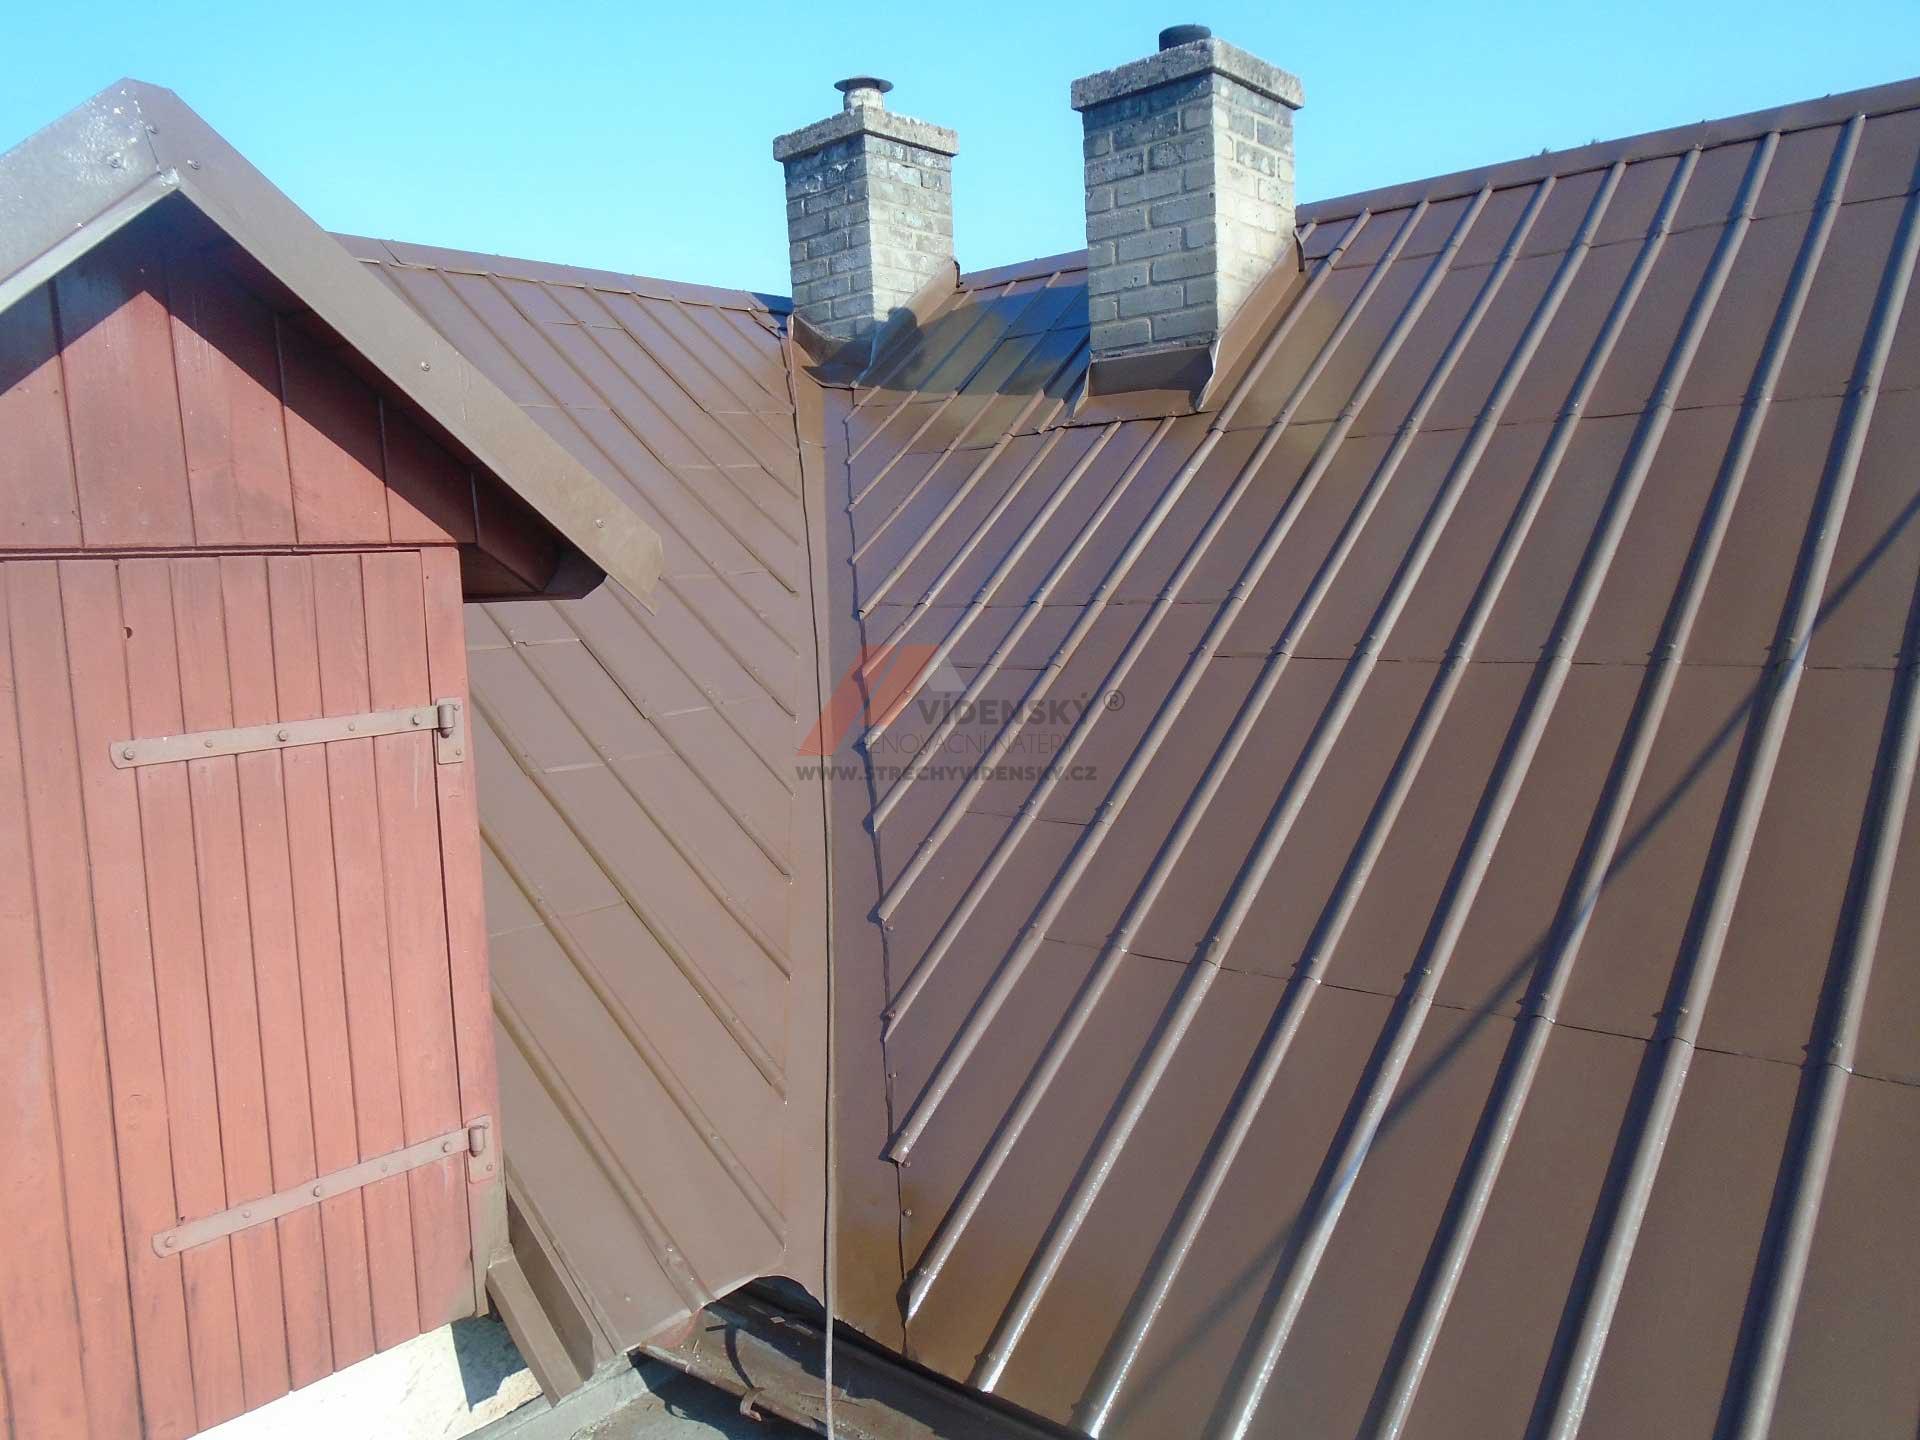 Vídenský | Renovační nátěr plechové střechy 07 - Po renovaci